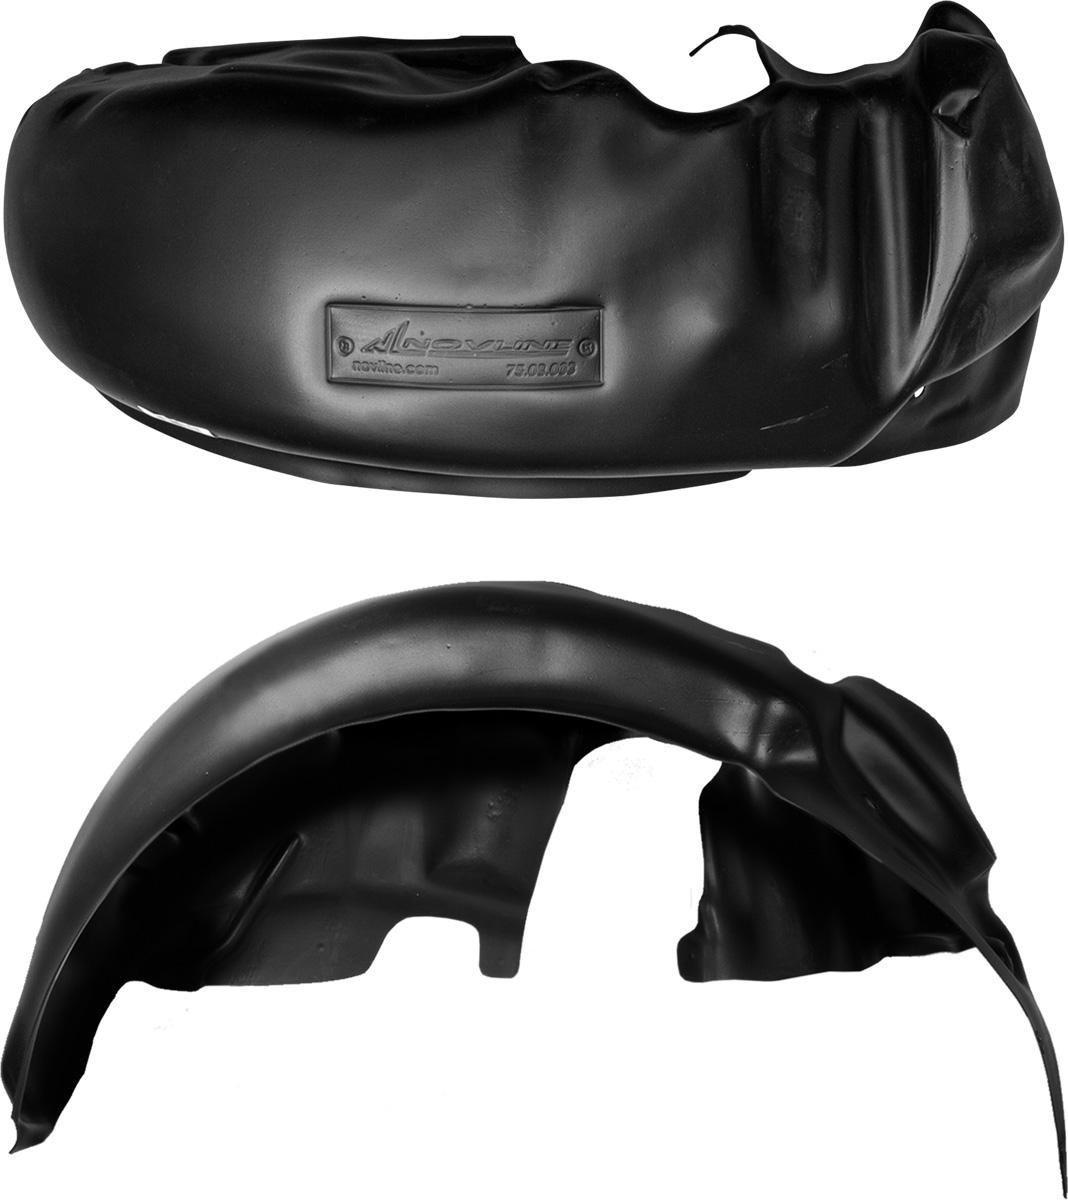 Подкрылок LIFAN X-60, 2012->, передний правыйNLL.73.04.002Колесные ниши – одни из самых уязвимых зон днища вашего автомобиля. Они постоянно подвергаются воздействию со стороны дороги. Лучшая, почти абсолютная защита для них - специально отформованные пластиковые кожухи, которые называются подкрылками, или локерами. Производятся они как для отечественных моделей автомобилей, так и для иномарок. Подкрылки выполнены из высококачественного, экологически чистого пластика. Обеспечивают надежную защиту кузова автомобиля от пескоструйного эффекта и негативного влияния, агрессивных антигололедных реагентов. Пластик обладает более низкой теплопроводностью, чем металл, поэтому в зимний период эксплуатации использование пластиковых подкрылков позволяет лучше защитить колесные ниши от налипания снега и образования наледи. Оригинальность конструкции подчеркивает элегантность автомобиля, бережно защищает нанесенное на днище кузова антикоррозийное покрытие и позволяет осуществить крепление подкрылков внутри колесной арки практически без дополнительного крепежа и сверления, не нарушая при этом лакокрасочного покрытия, что предотвращает возникновение новых очагов коррозии. Технология крепления подкрылков на иномарки принципиально отличается от крепления на российские автомобили и разрабатывается индивидуально для каждой модели автомобиля. Подкрылки долговечны, обладают высокой прочностью и сохраняют заданную форму, а также все свои физико-механические характеристики в самых тяжелых климатических условиях ( от -50° С до + 50° С).